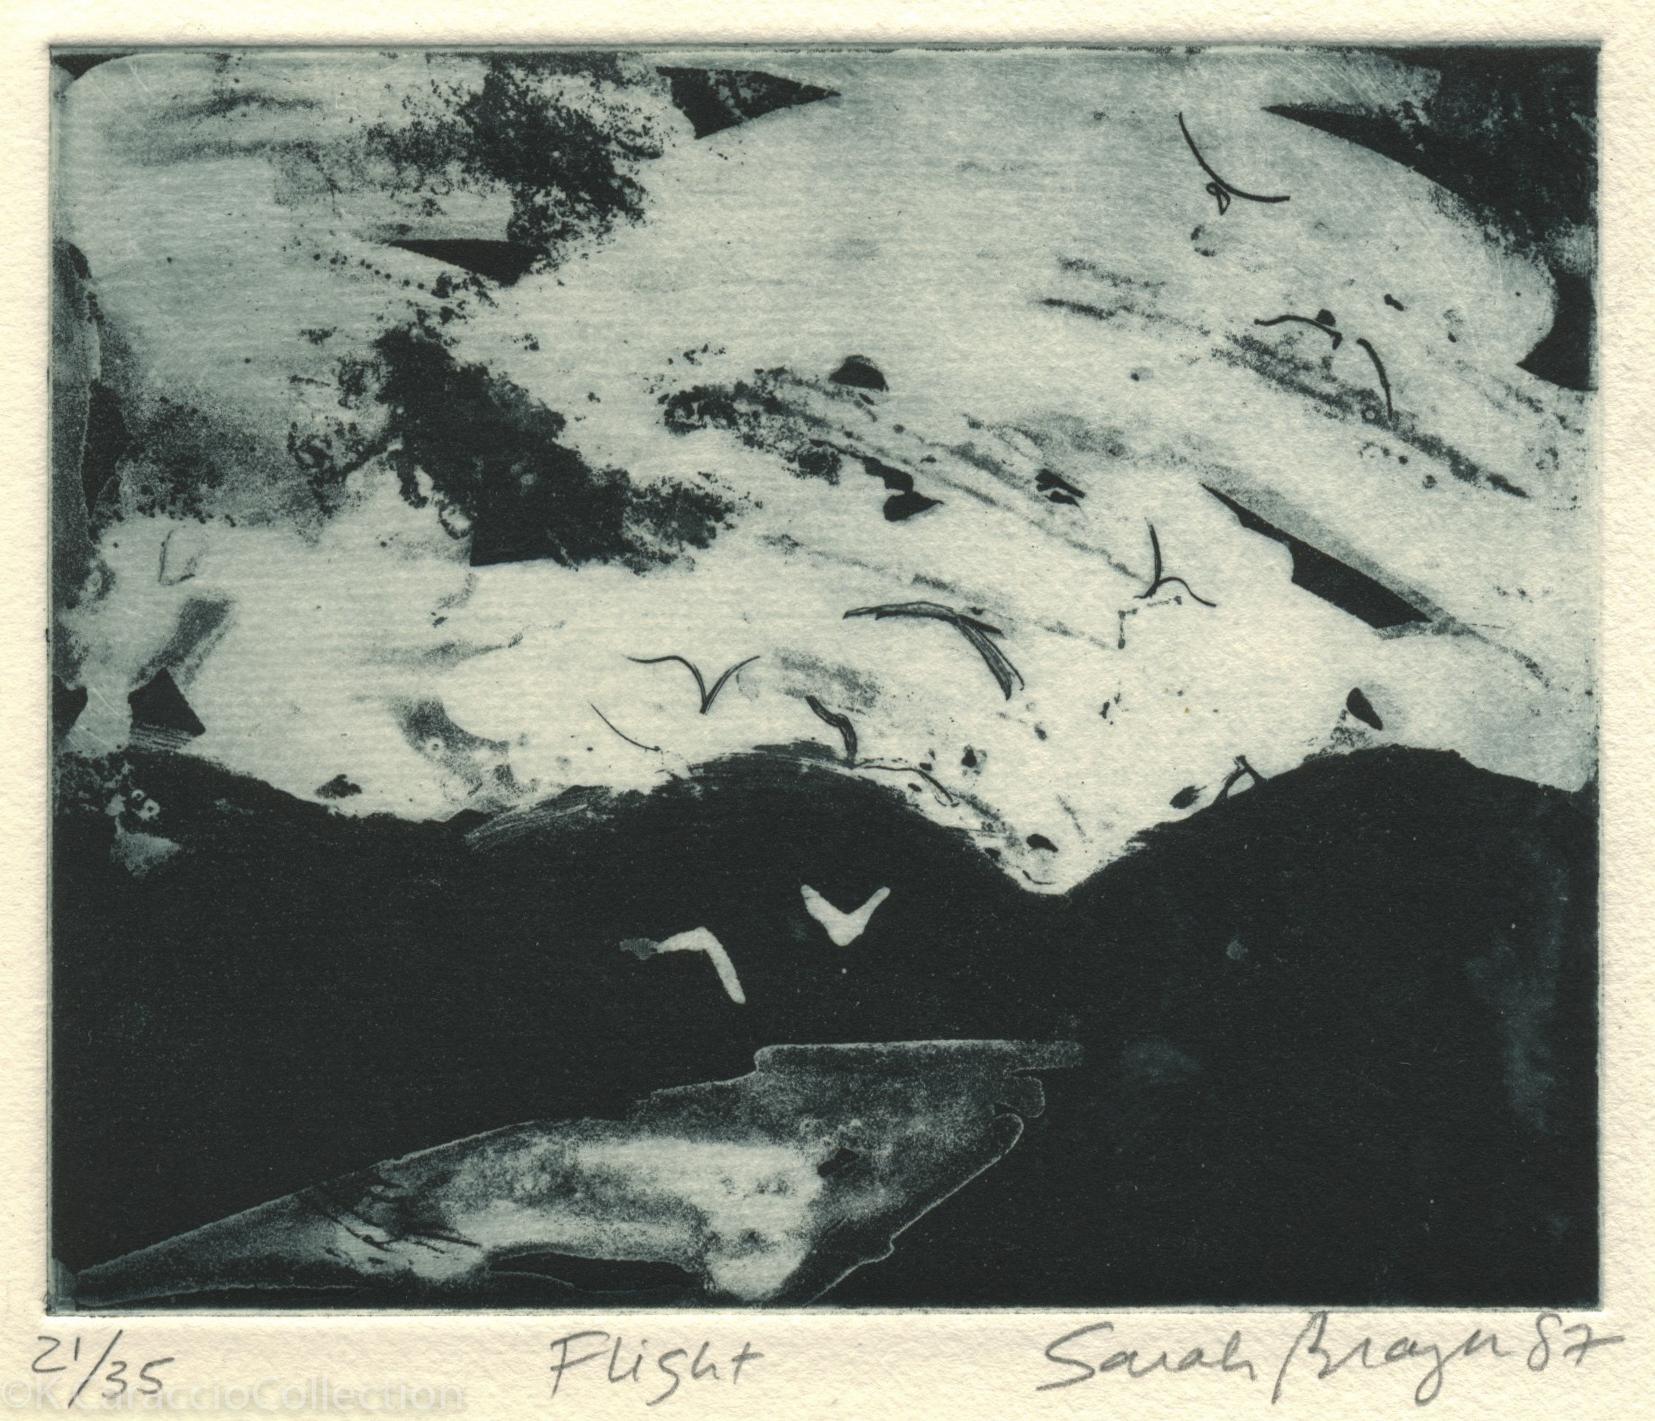 Flight, 1987